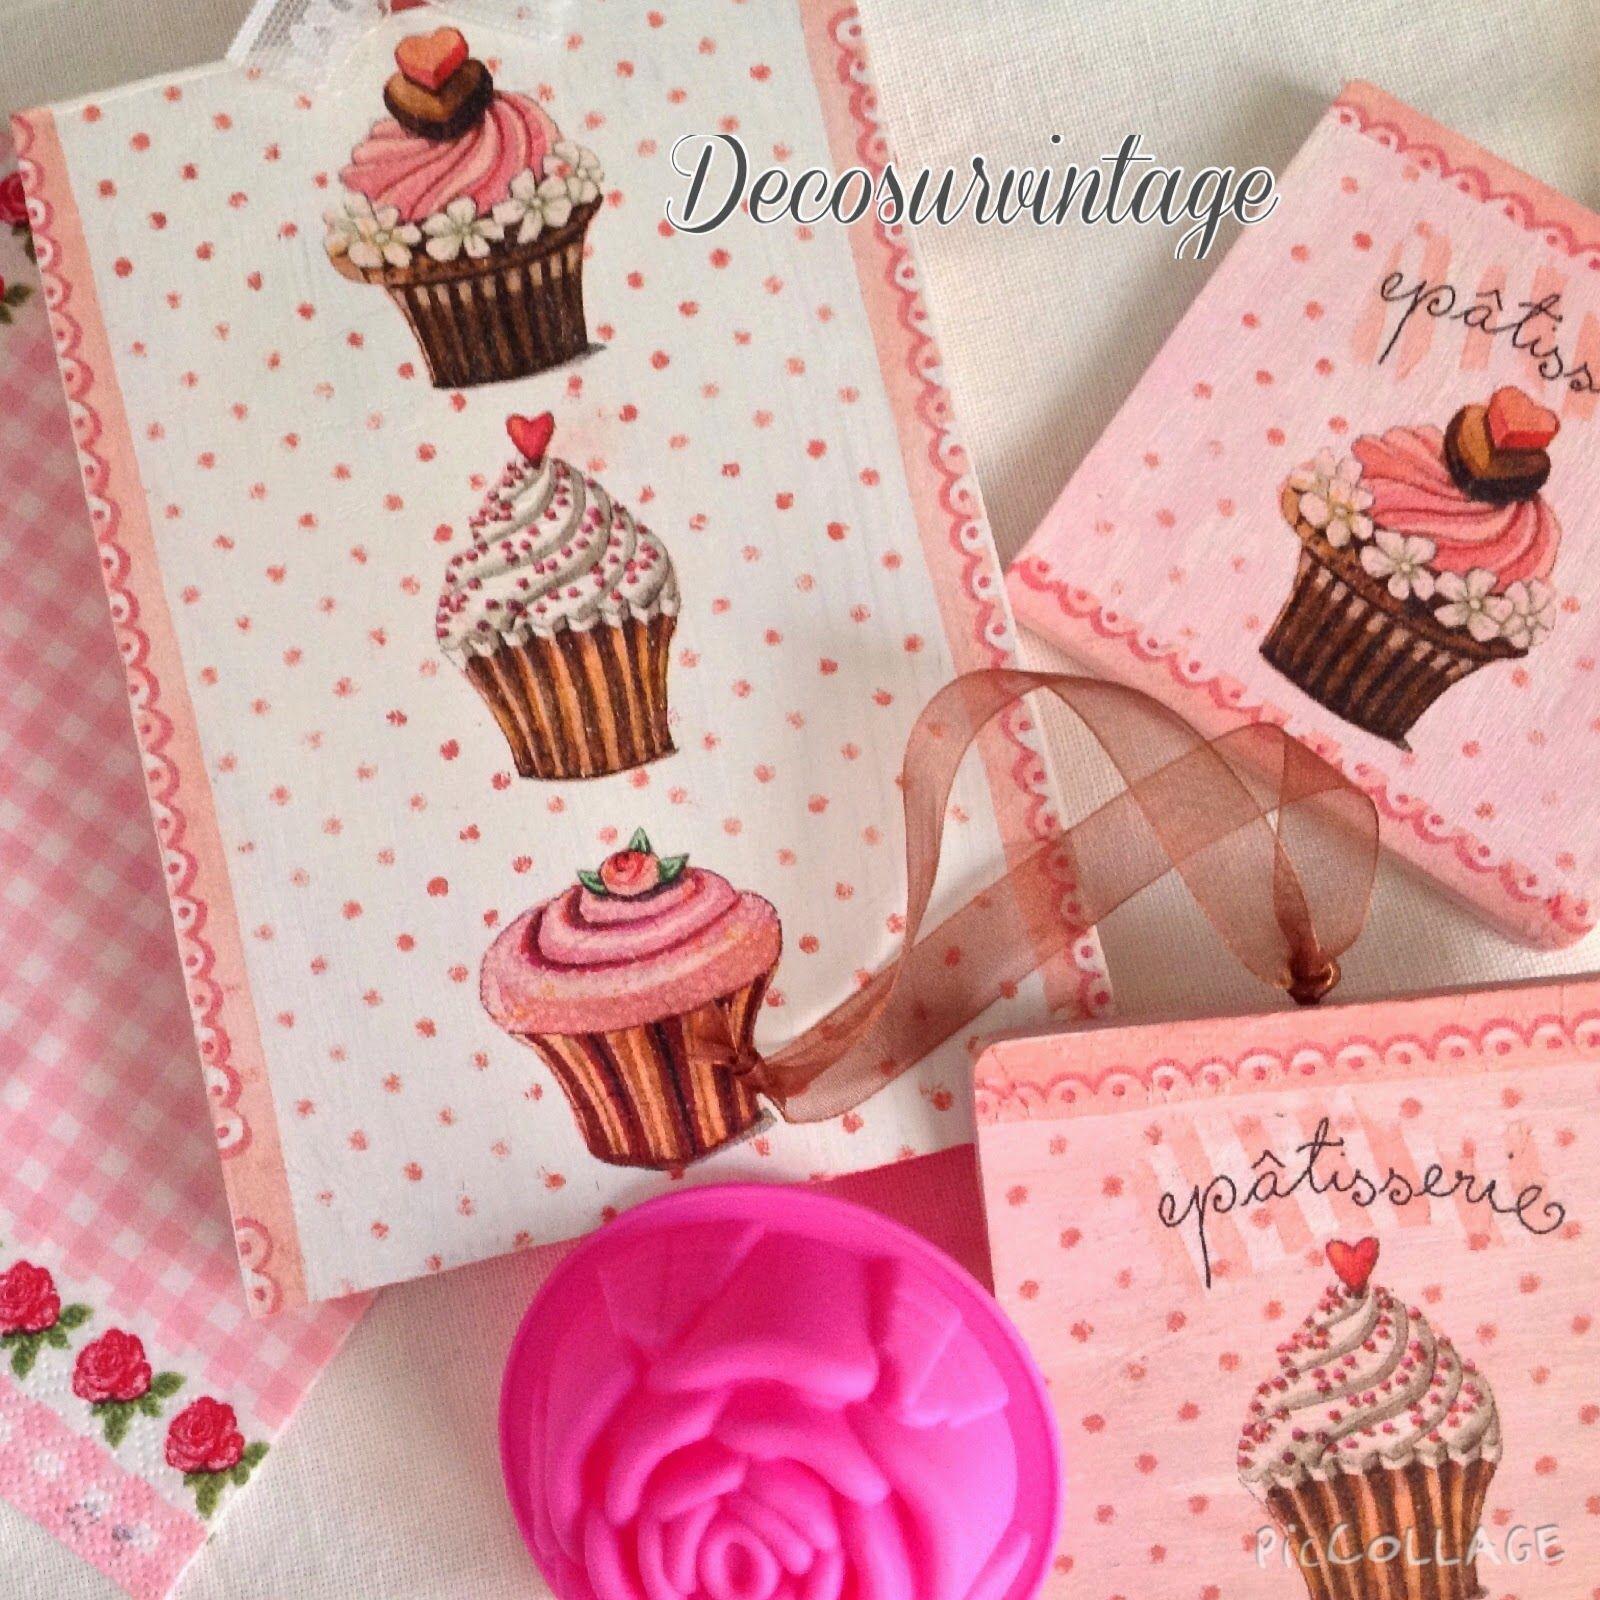 Decosurvintage : Cup cakes en tabla y posavasos.